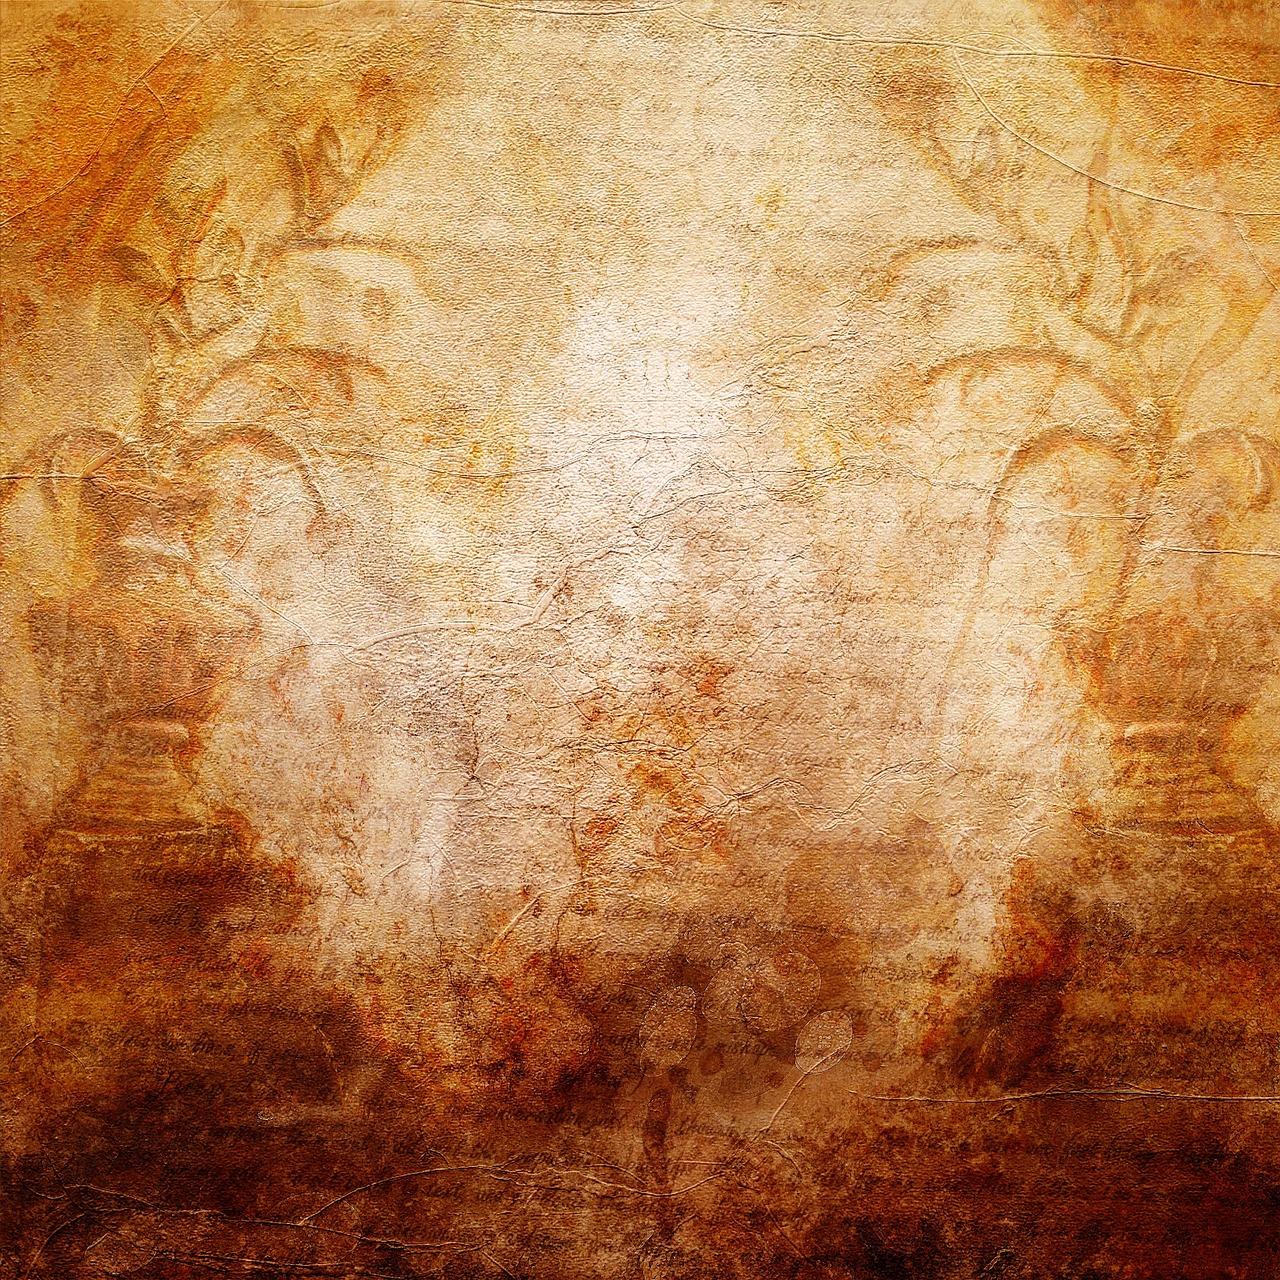 фёдор денисов старое полотно картинки можете ознакомиться